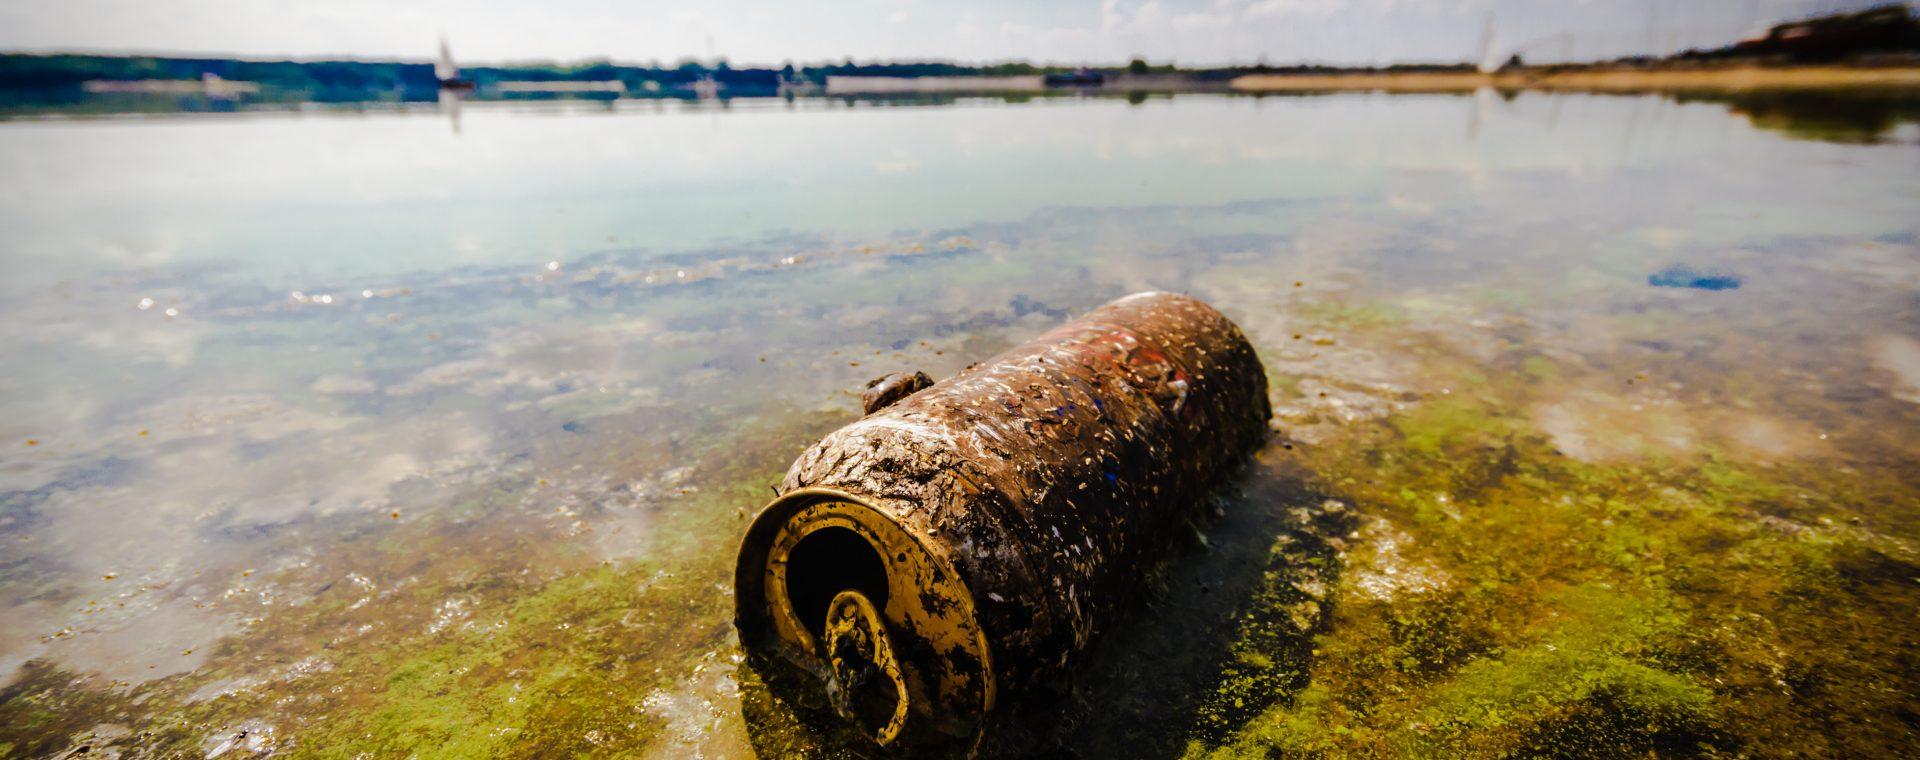 Bilbao, Seixal e Trieste: soluzioni comuni per la bonifica dei siti industriali inquinati